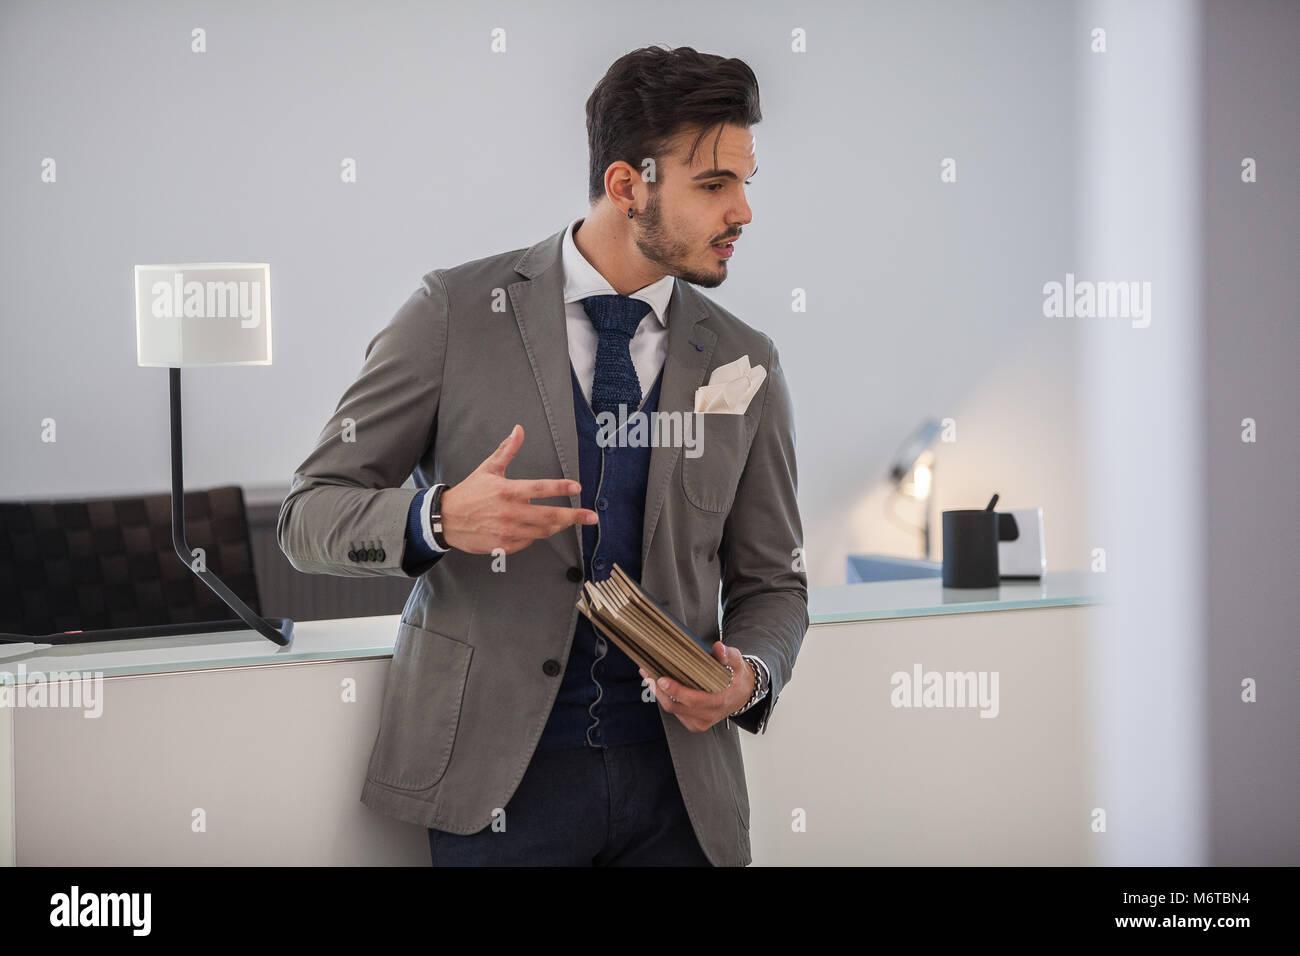 anteprima di stile popolare ma non volgare Uomo con stile (indossare giacca e cravatta) al lavoro o ...